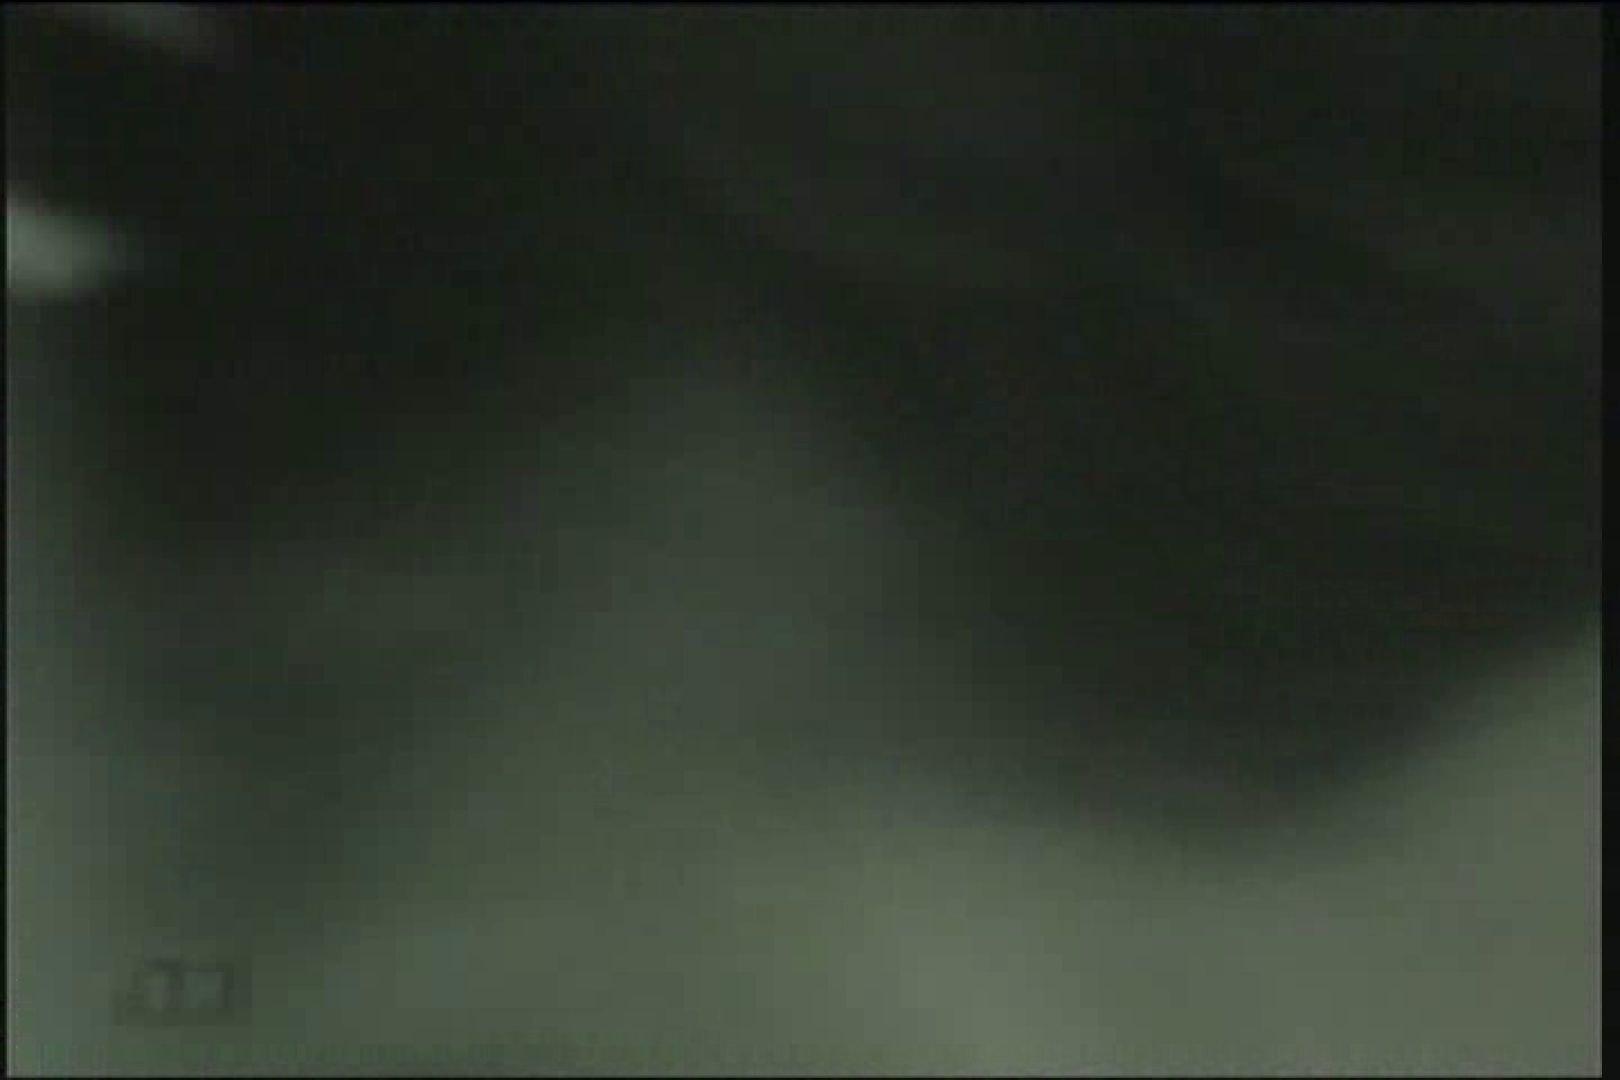 必撮!! チクビっくりVol.8 チクビ オマンコ動画キャプチャ 102pic 59